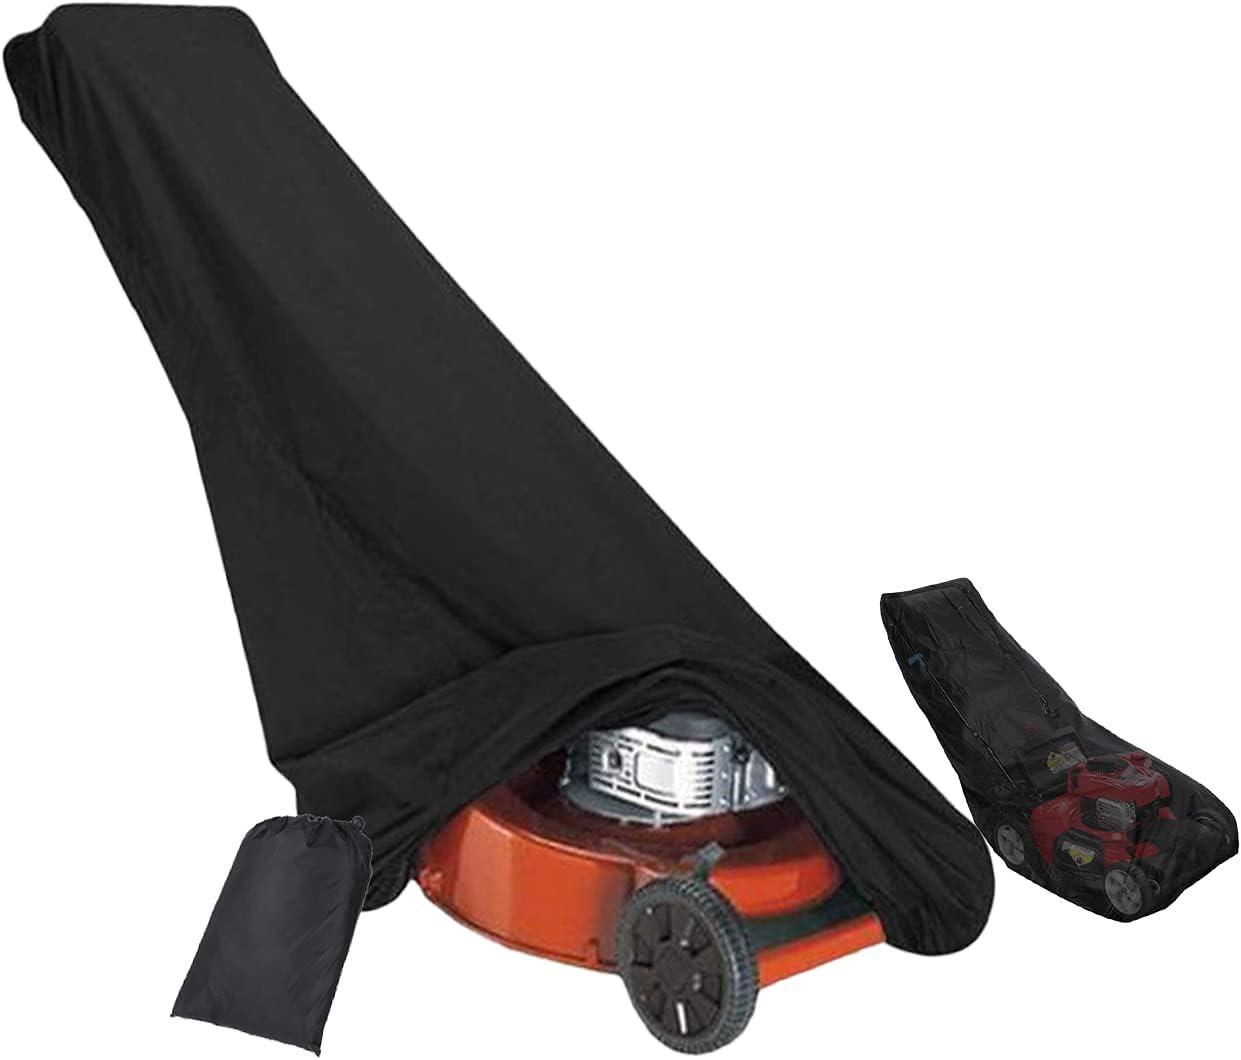 LHKK Cubierta para Cortacésped, para Caminar Detrás Cortacésped, Resistente Al Agua, a Prueba De Polvo Exterior Protector Anti-UV con Bolsa De Almacenamiento